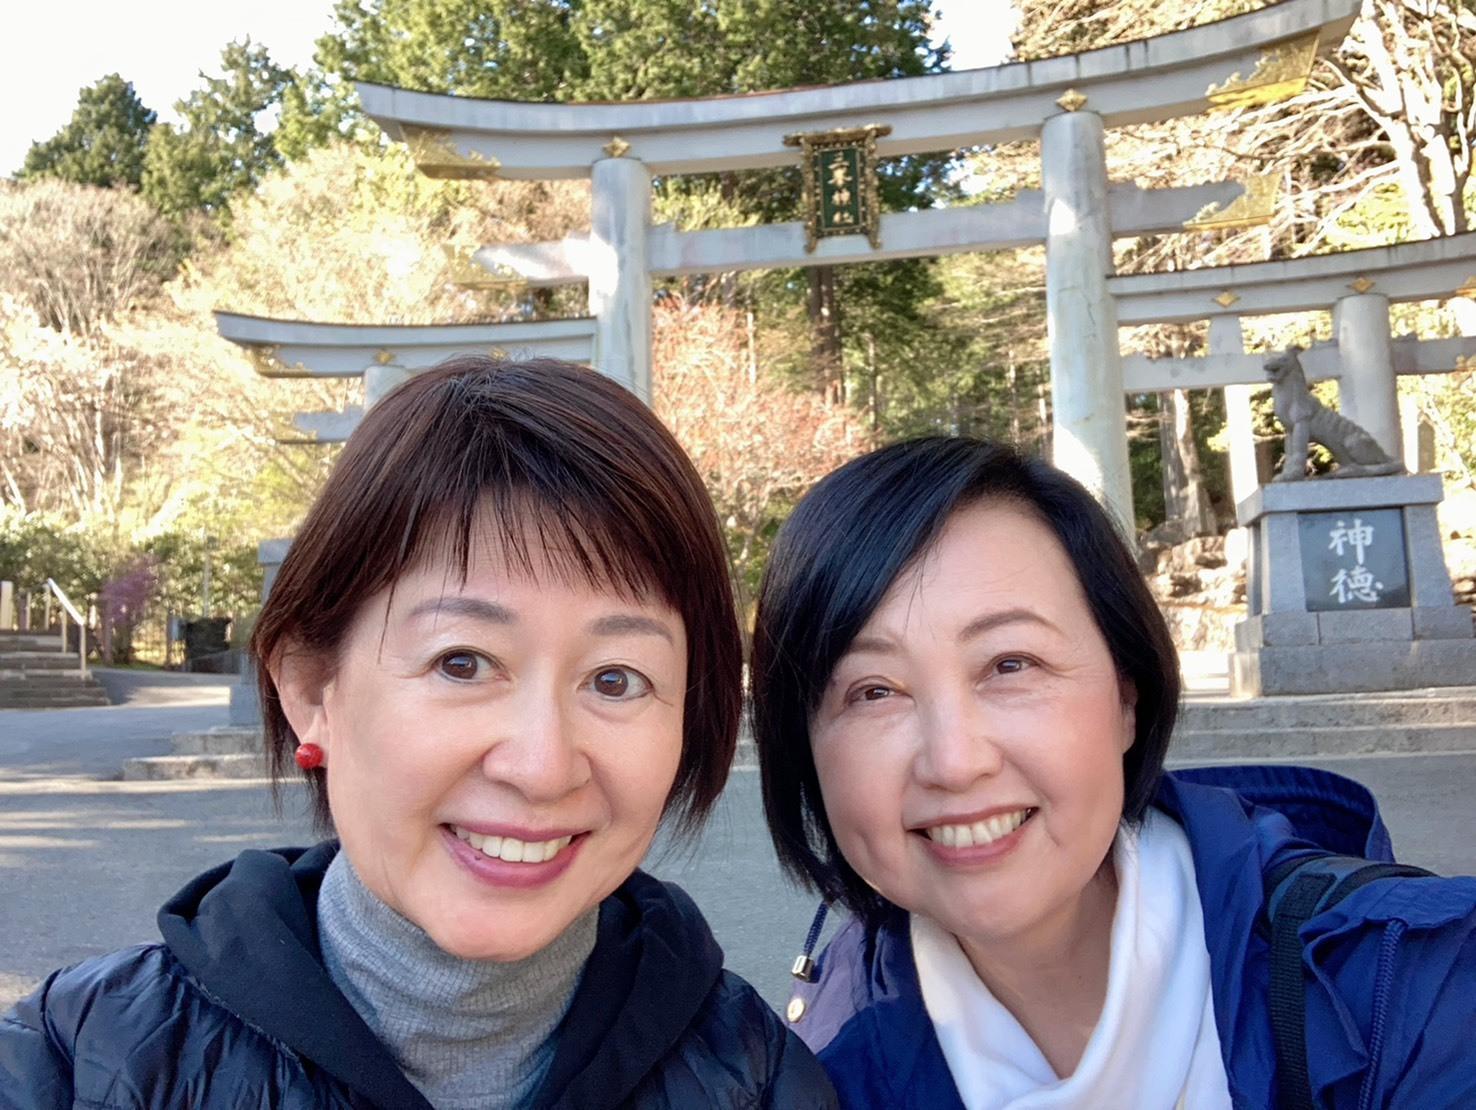 新緑の三峯神社へ①_d0085018_17405899.jpeg